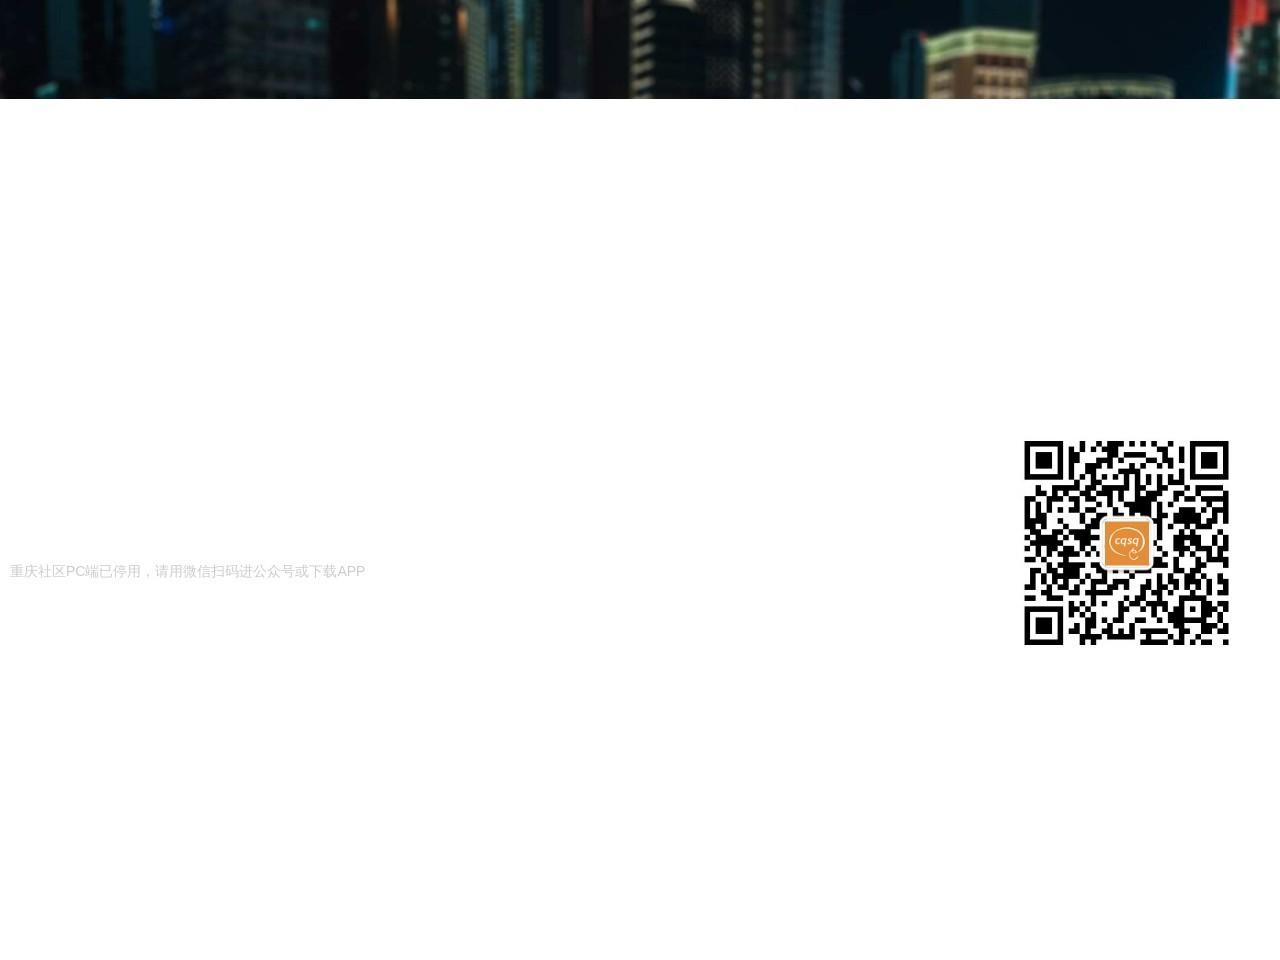 重庆社区 - 重庆二手|重庆论坛|原重庆IT论坛